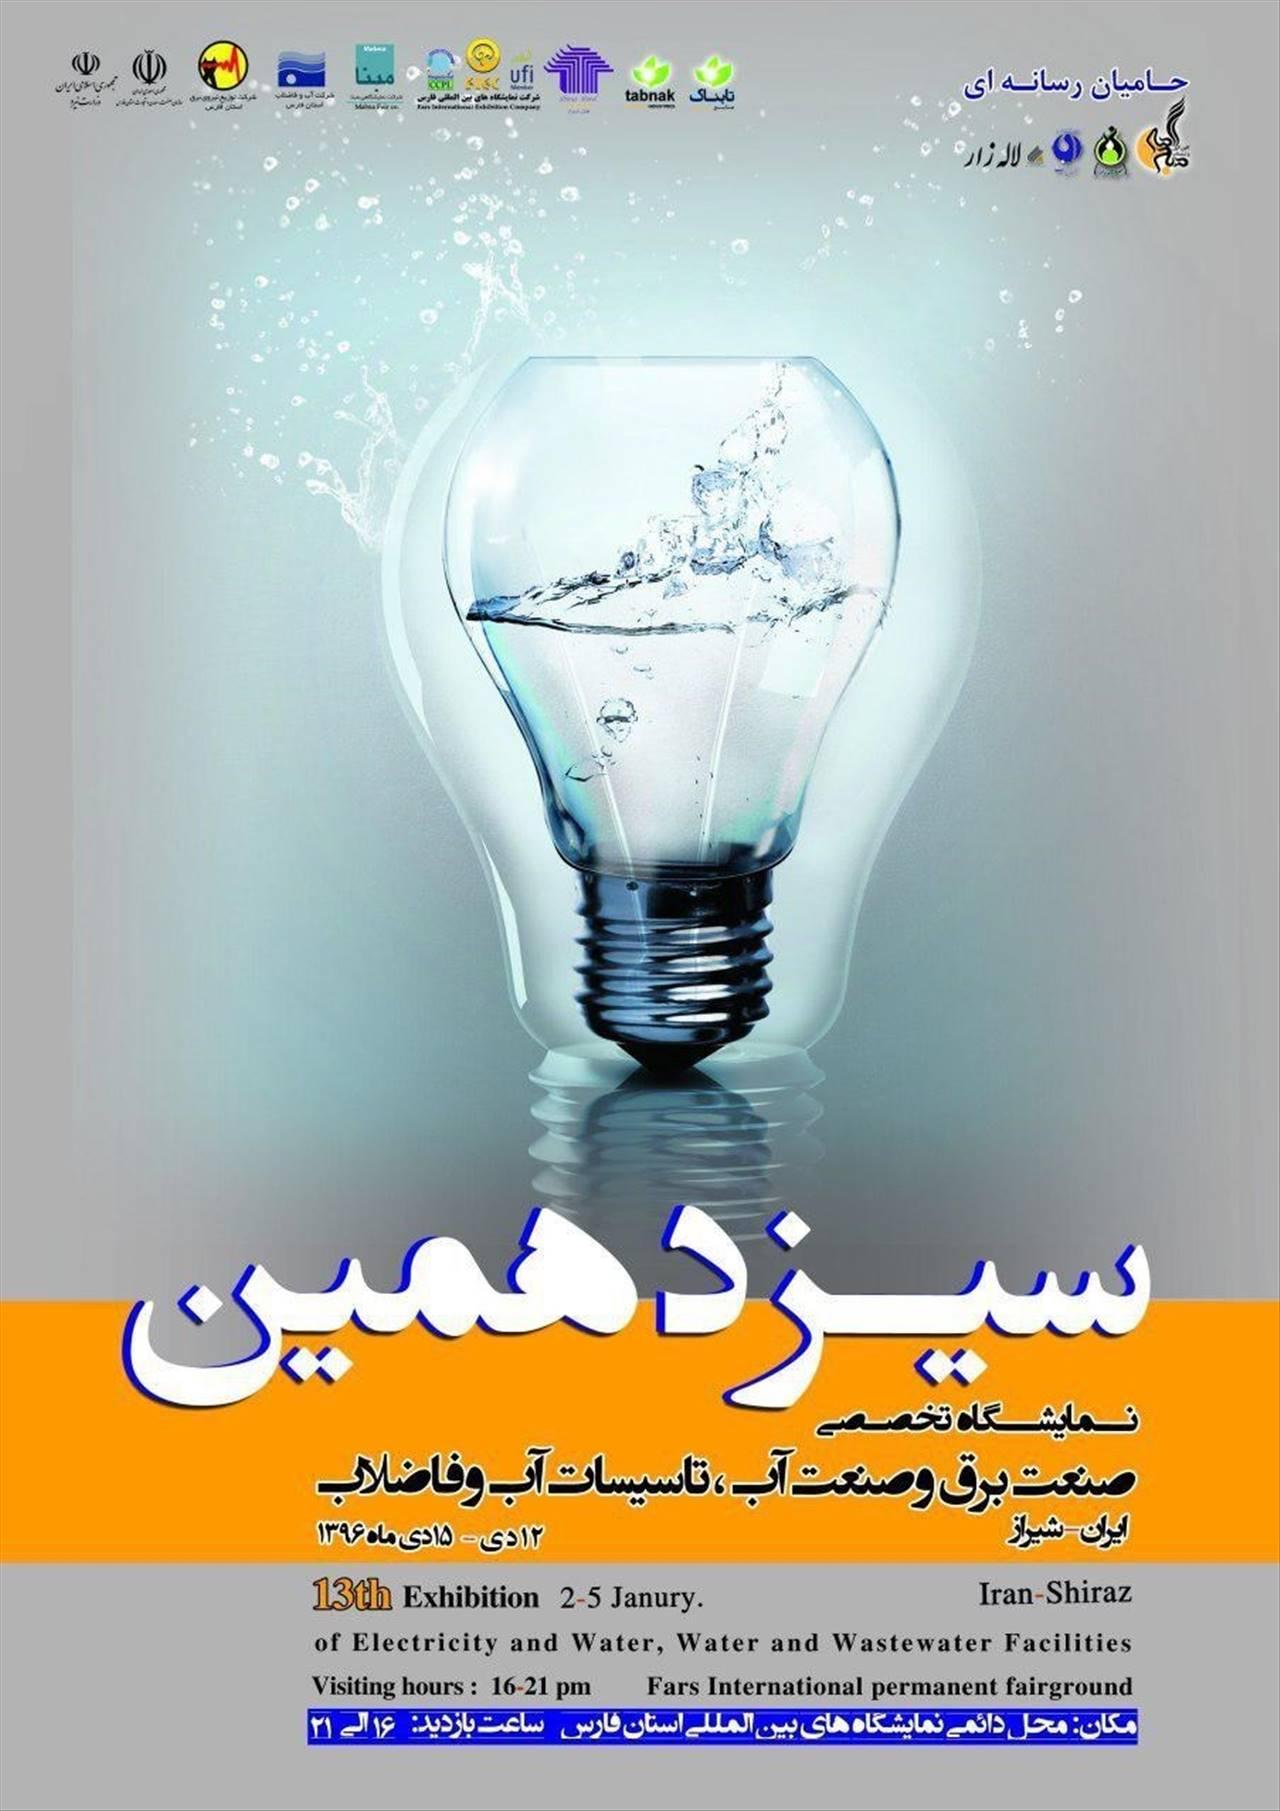 نمایشگاه صنعت برق شیراز